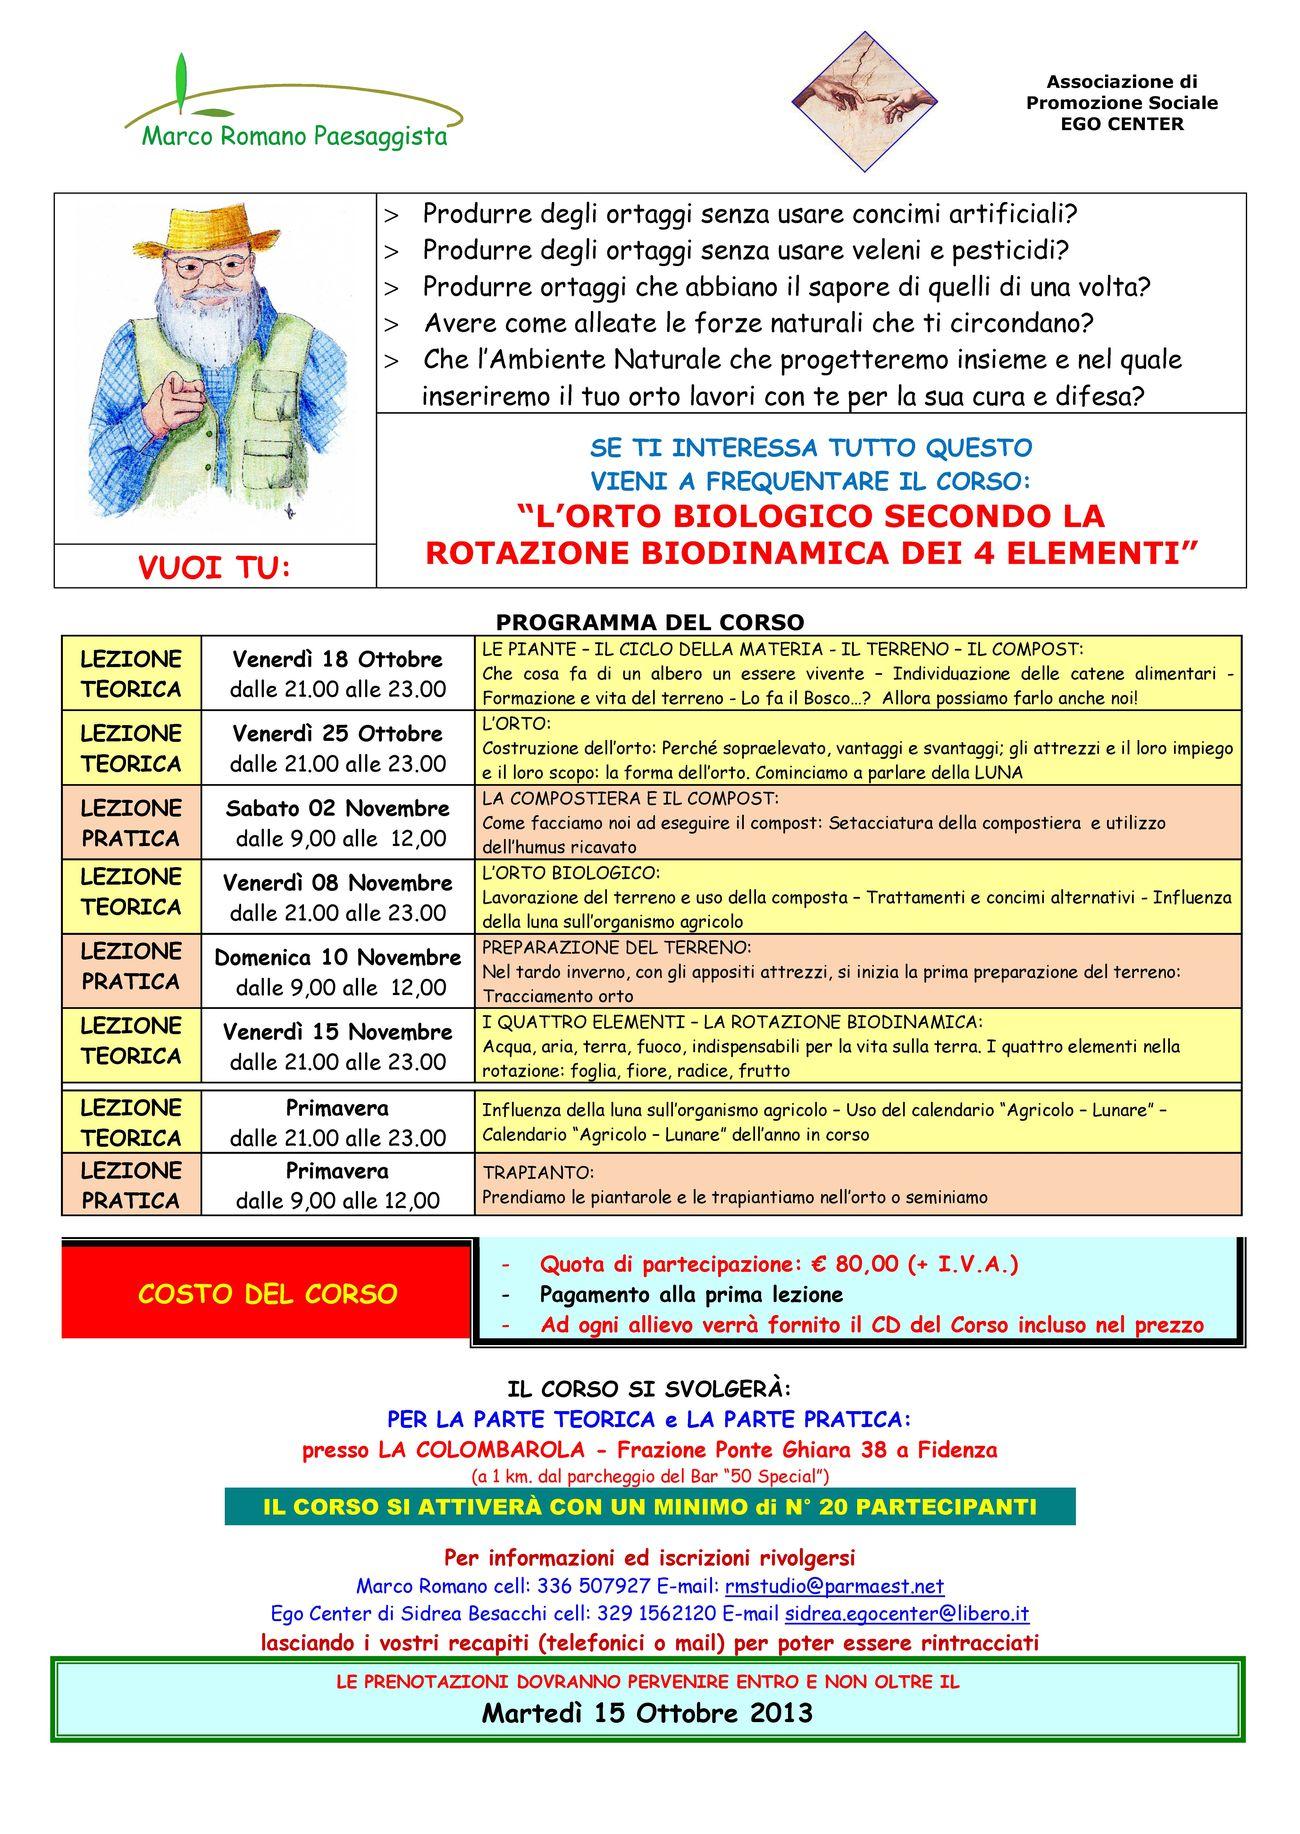 Calendario Trattamenti Frutteto.Corso L Orto Biologico Secondo La Rotazione Biodinamica Dei